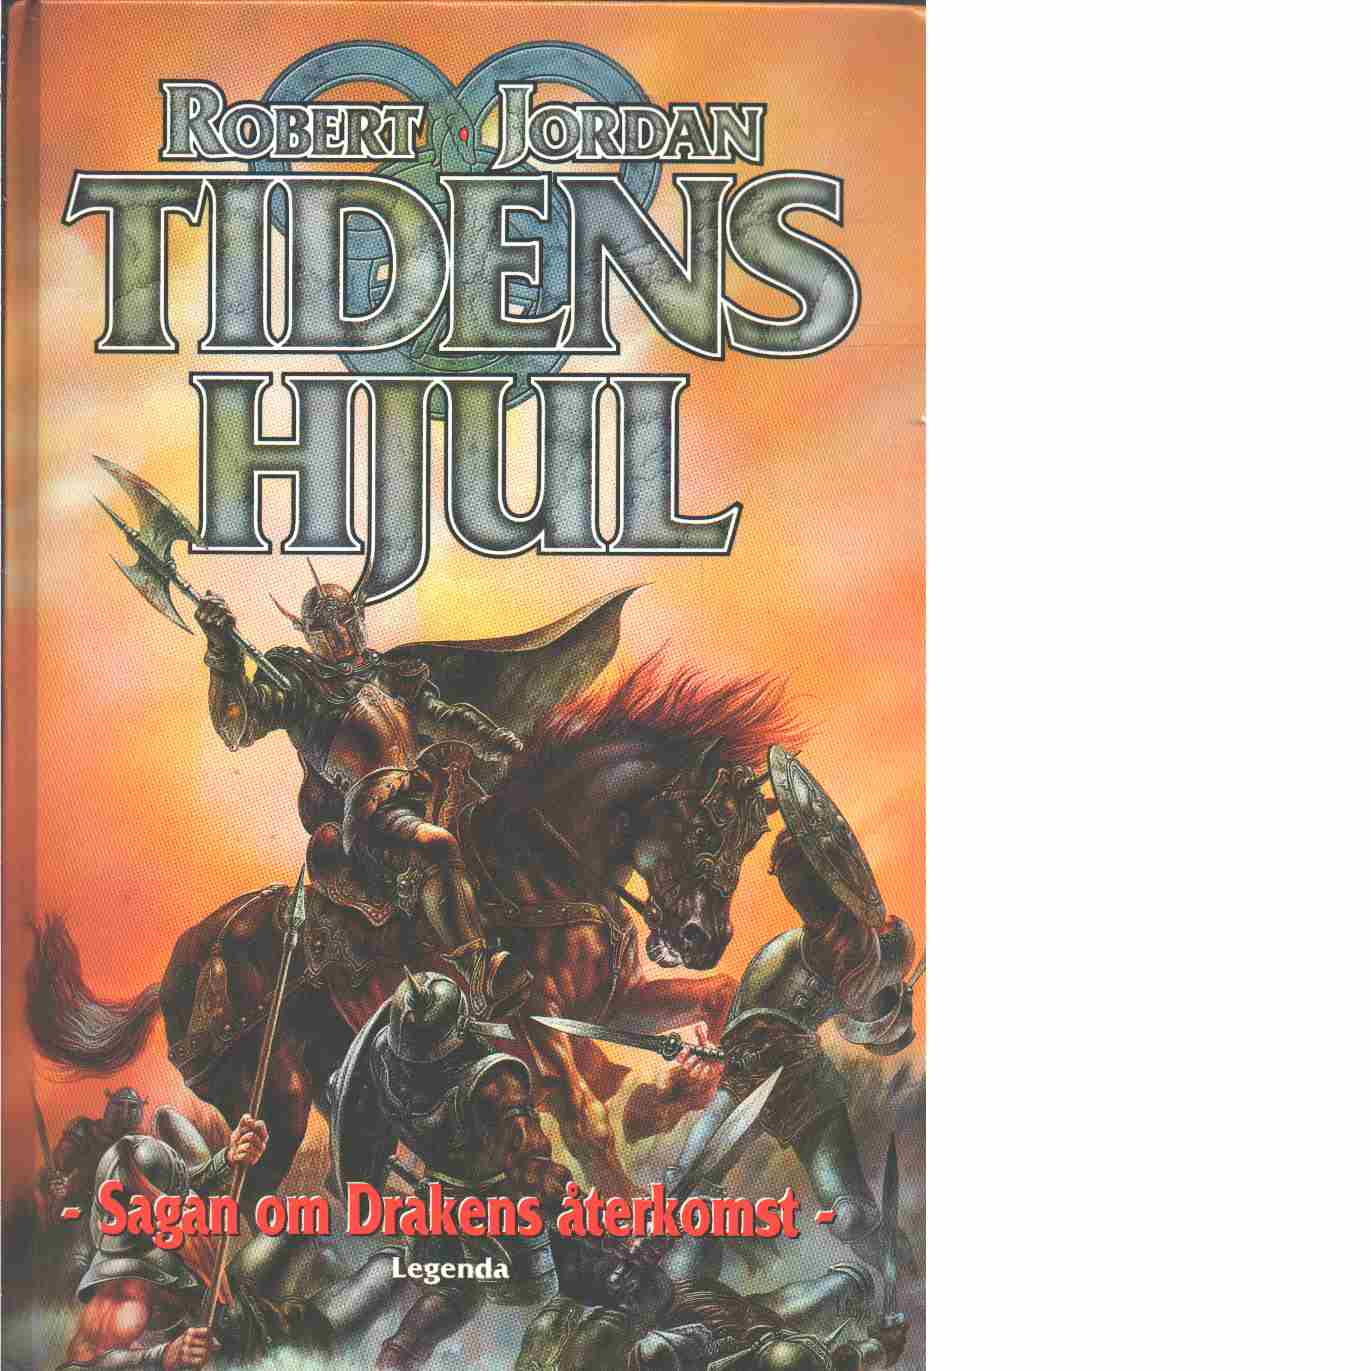 Sagan om drakens återkomst. Bok 2, Tidens Hjul - Jordan, Robert